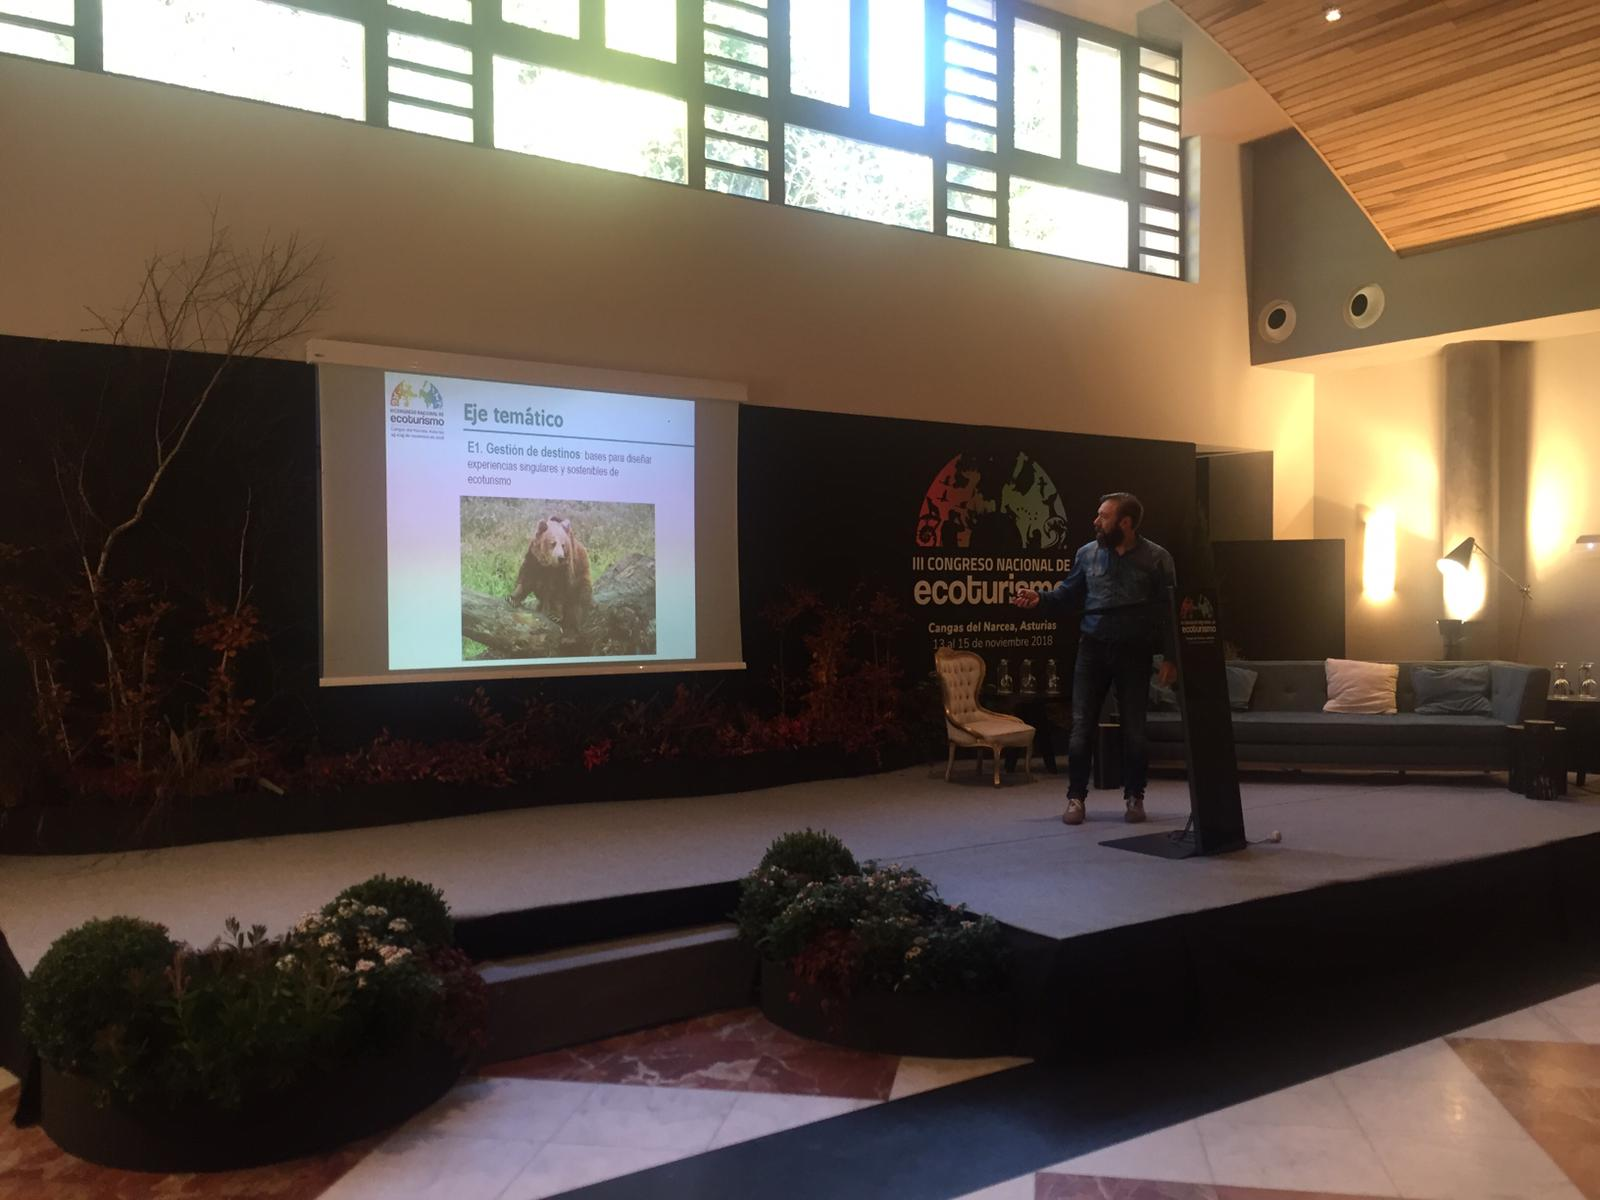 La FOA participó en el III Congreso Nacional de Ecoturismo de Cangas del Narcea